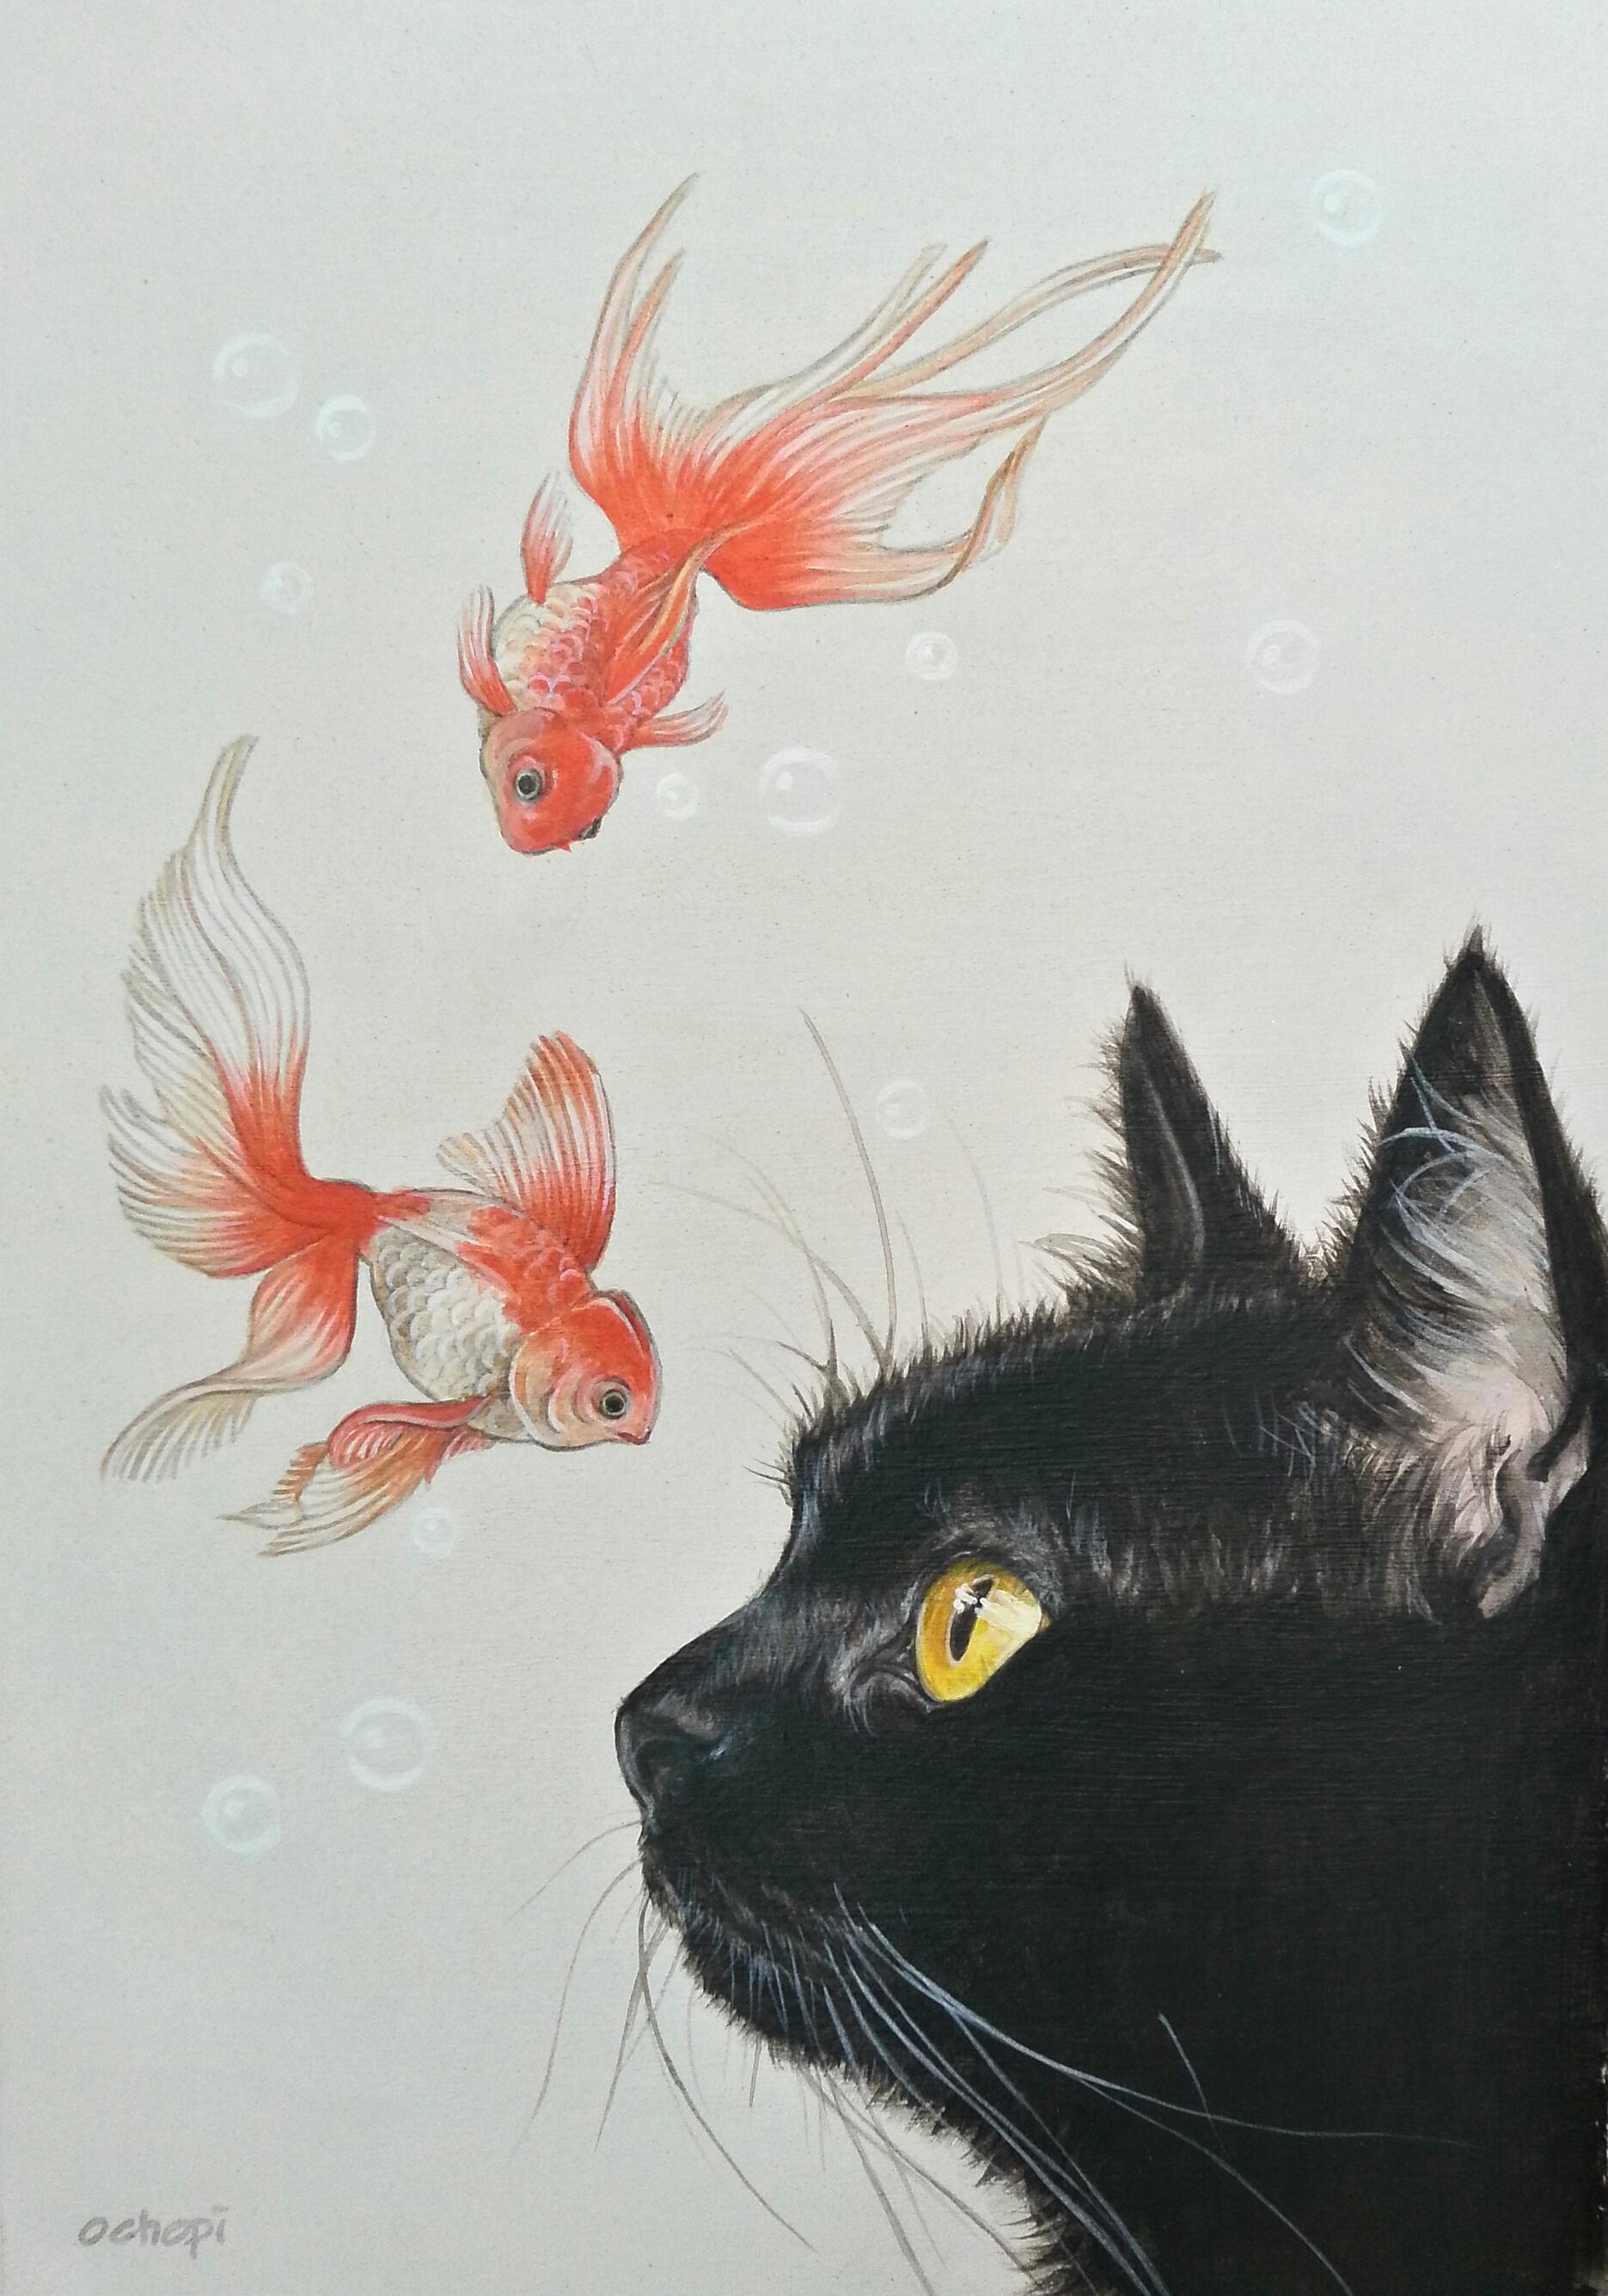 「金魚と黒猫」/おちょぴ